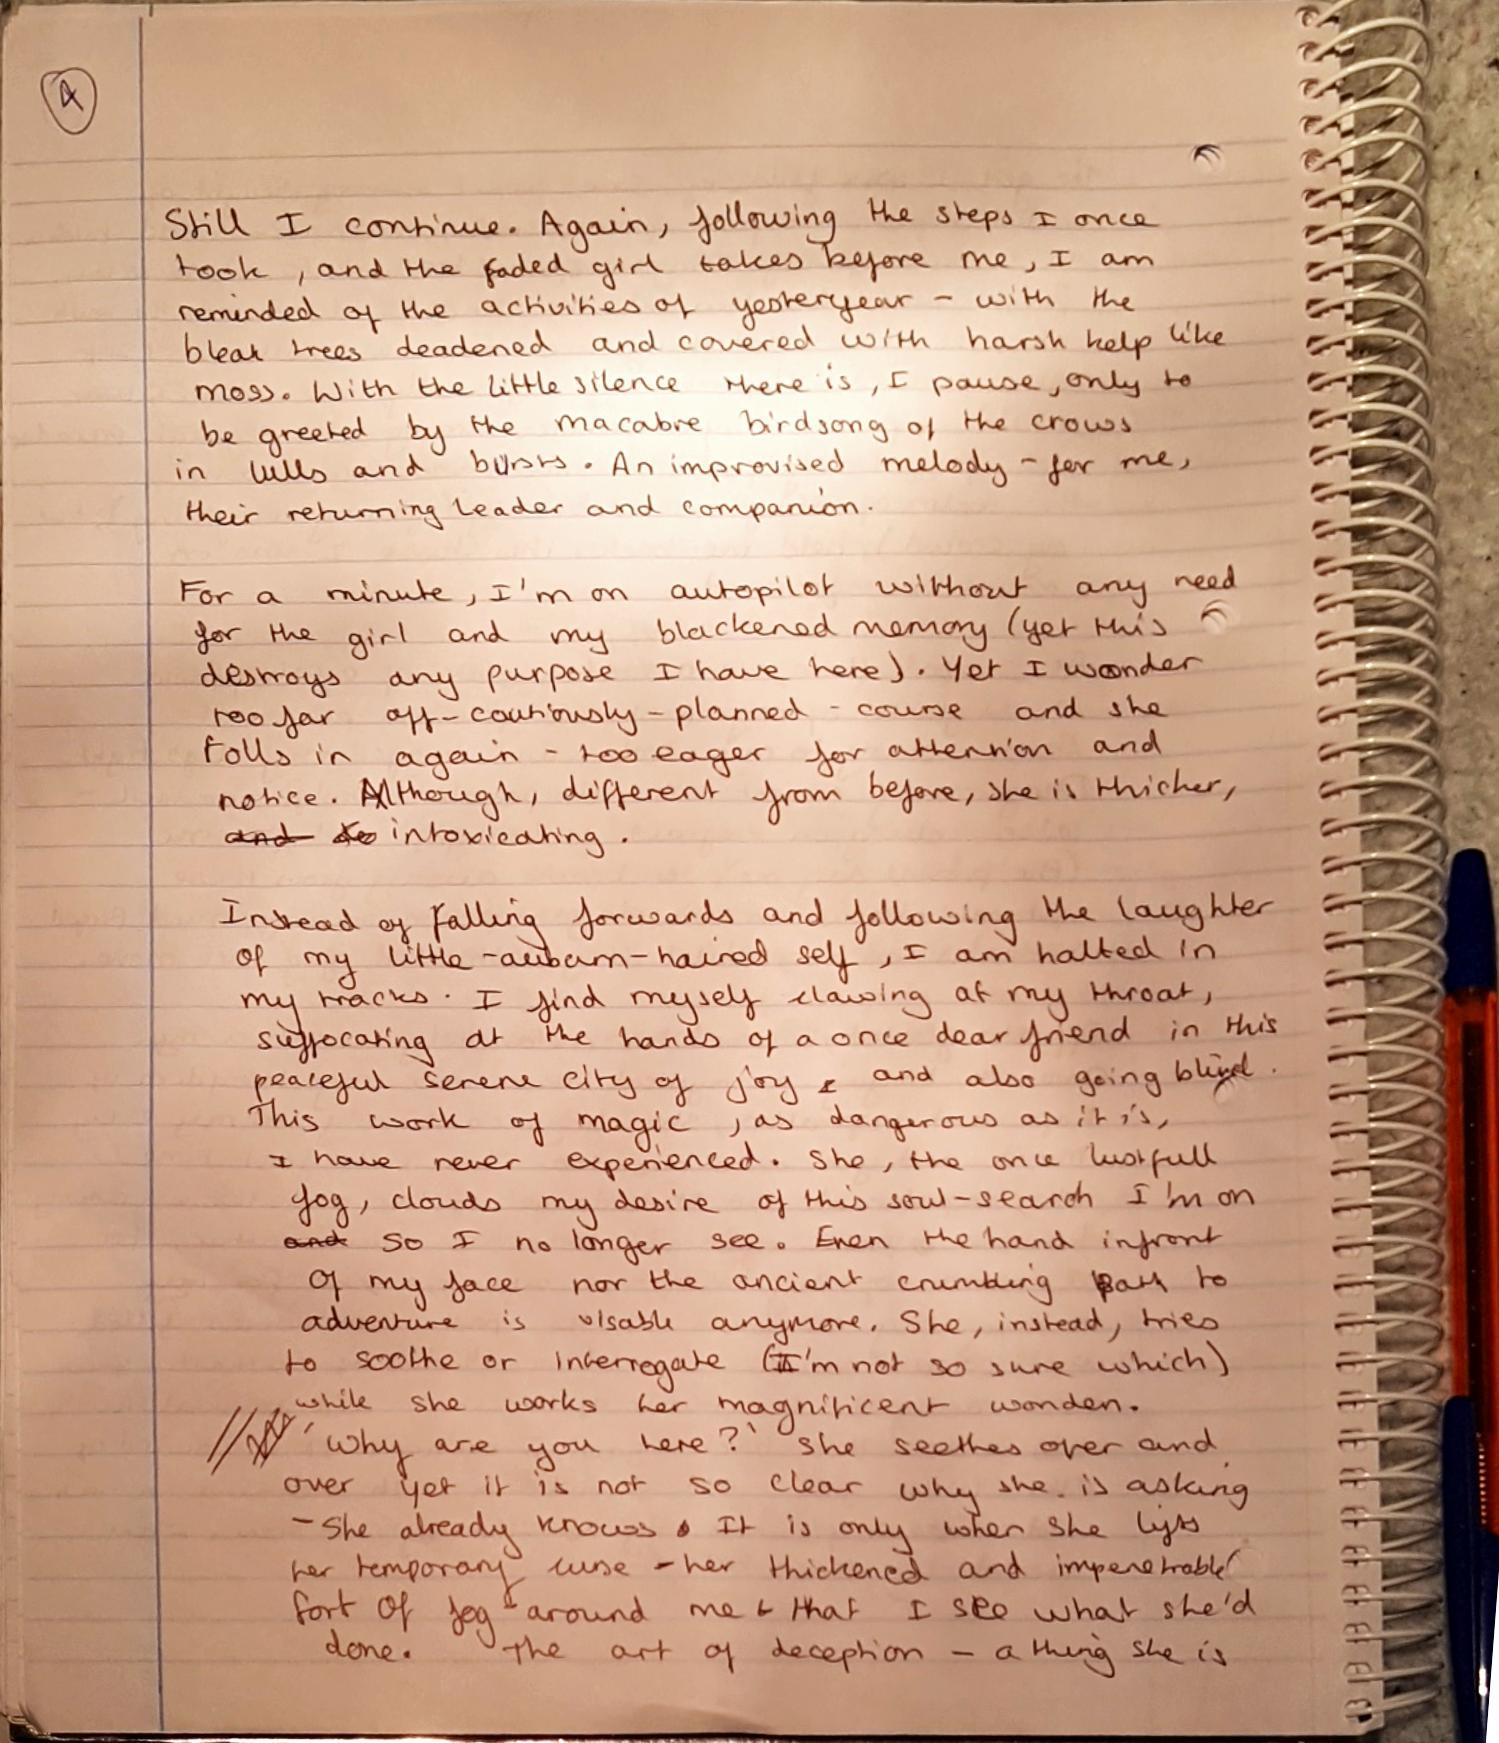 Madame bovary symbolism essay